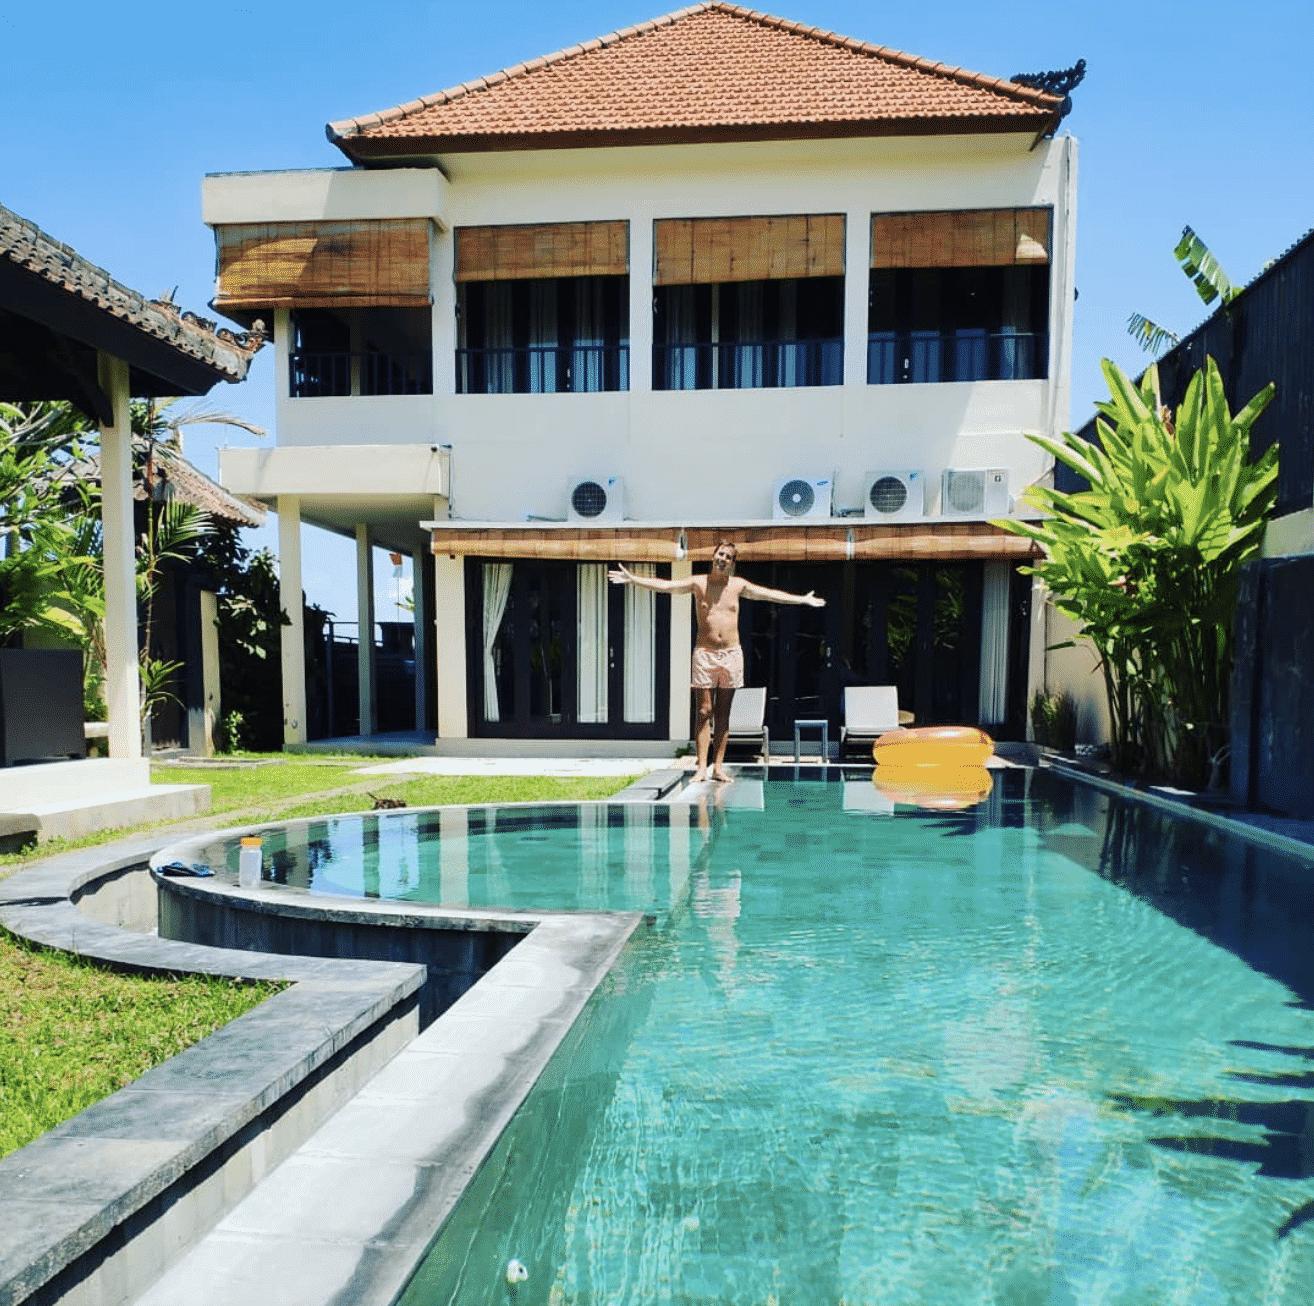 Casa que alquilamos con ¡12 metros de piscina!